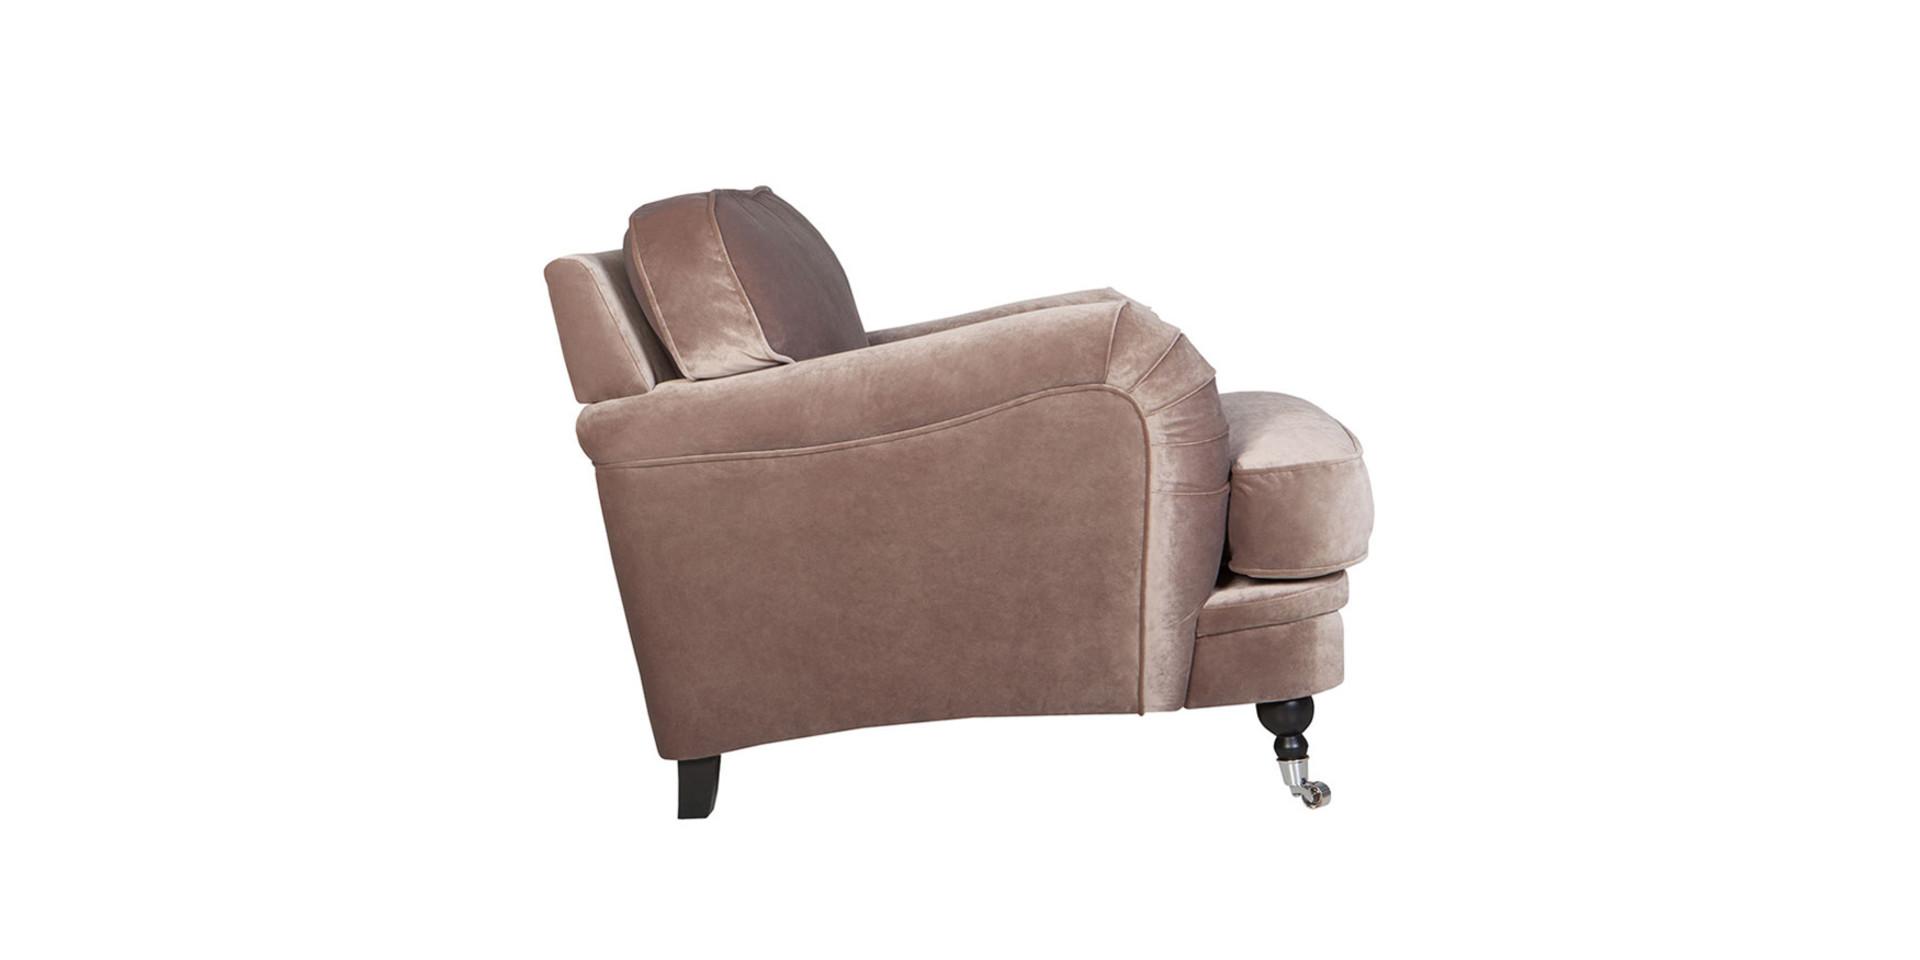 sits-olle-fauteuil-armchair_classic_velvet2_potato_3